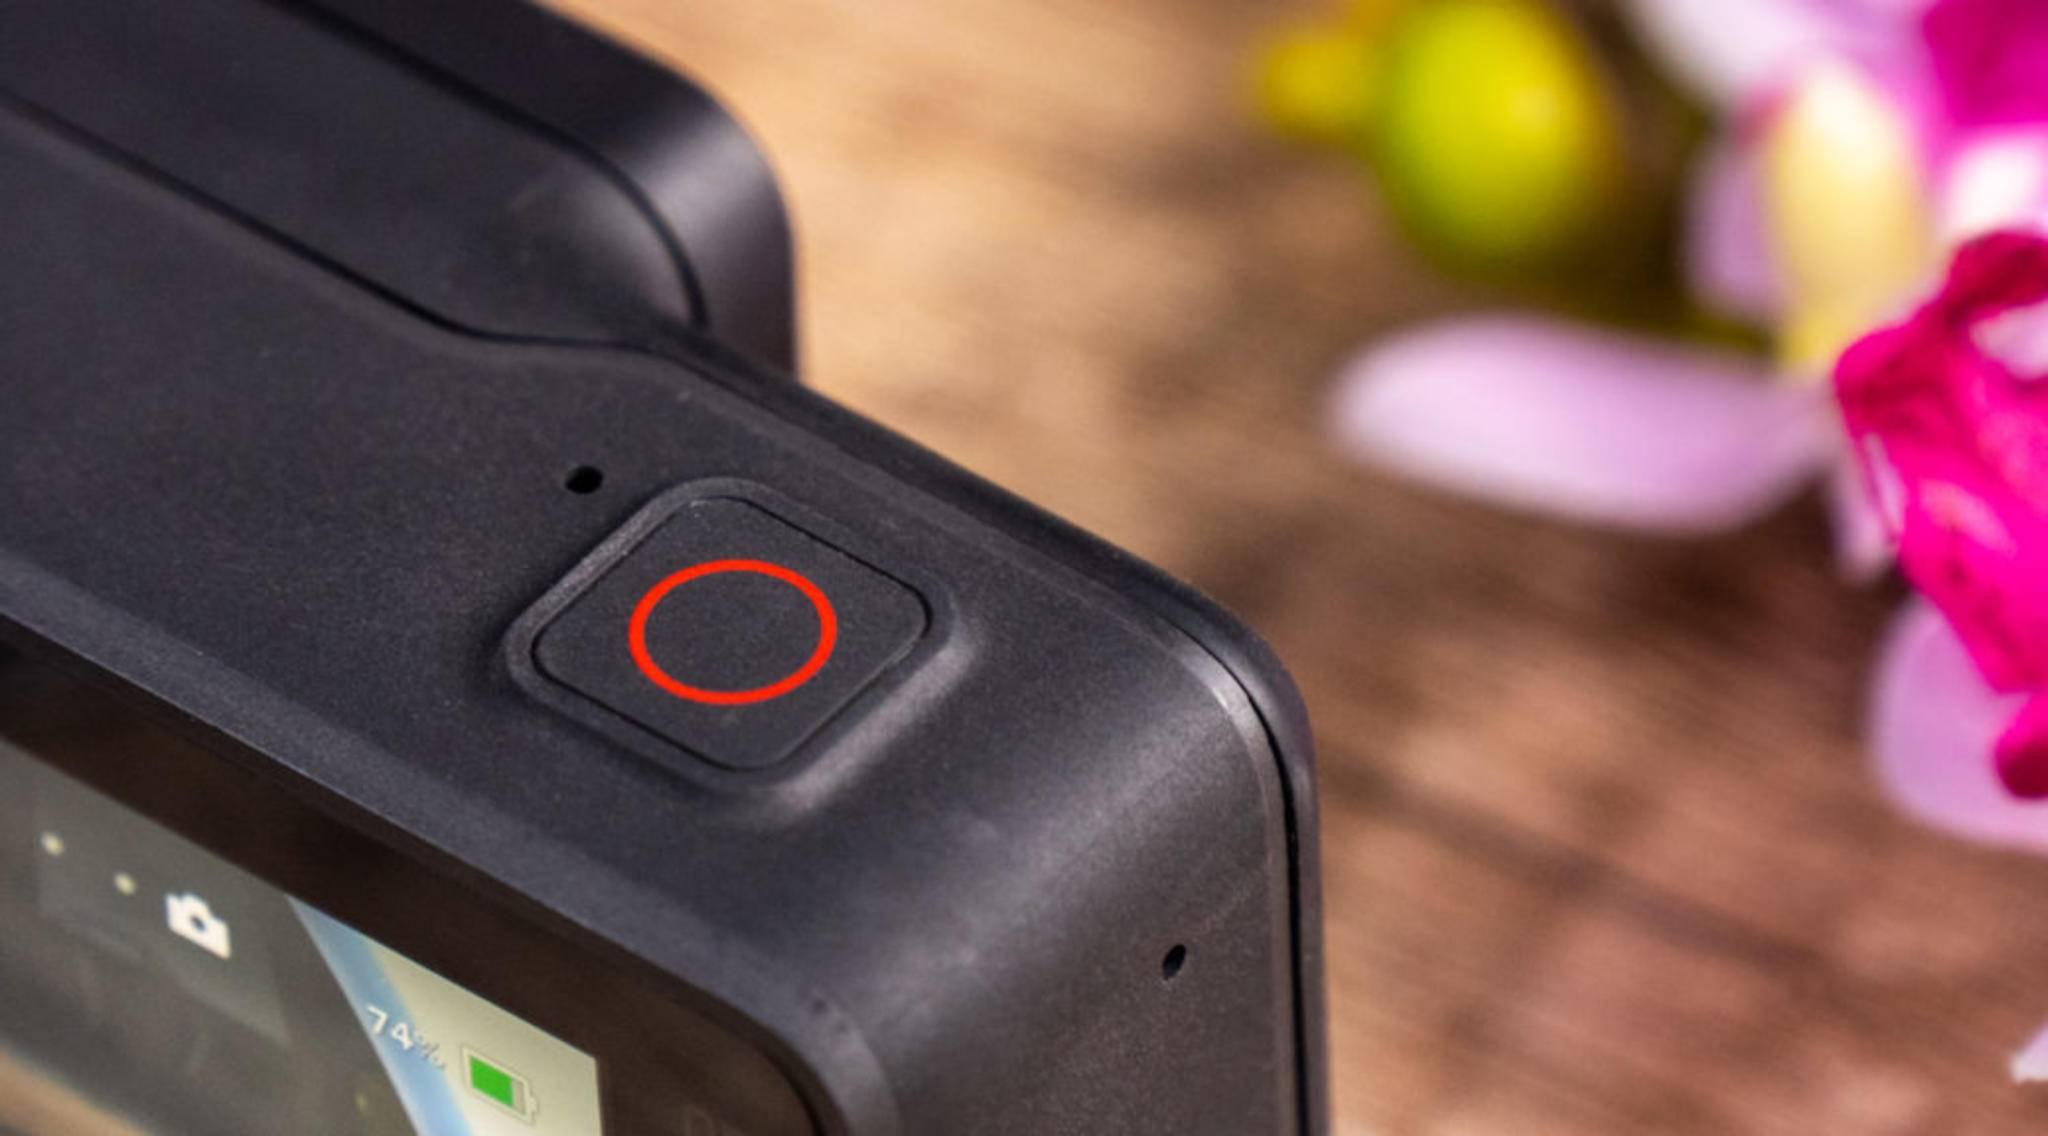 Ob die GoPro Hero 6 Black auf ganzer Linie überzeugen kannst, erfährst Du in unserem Test.